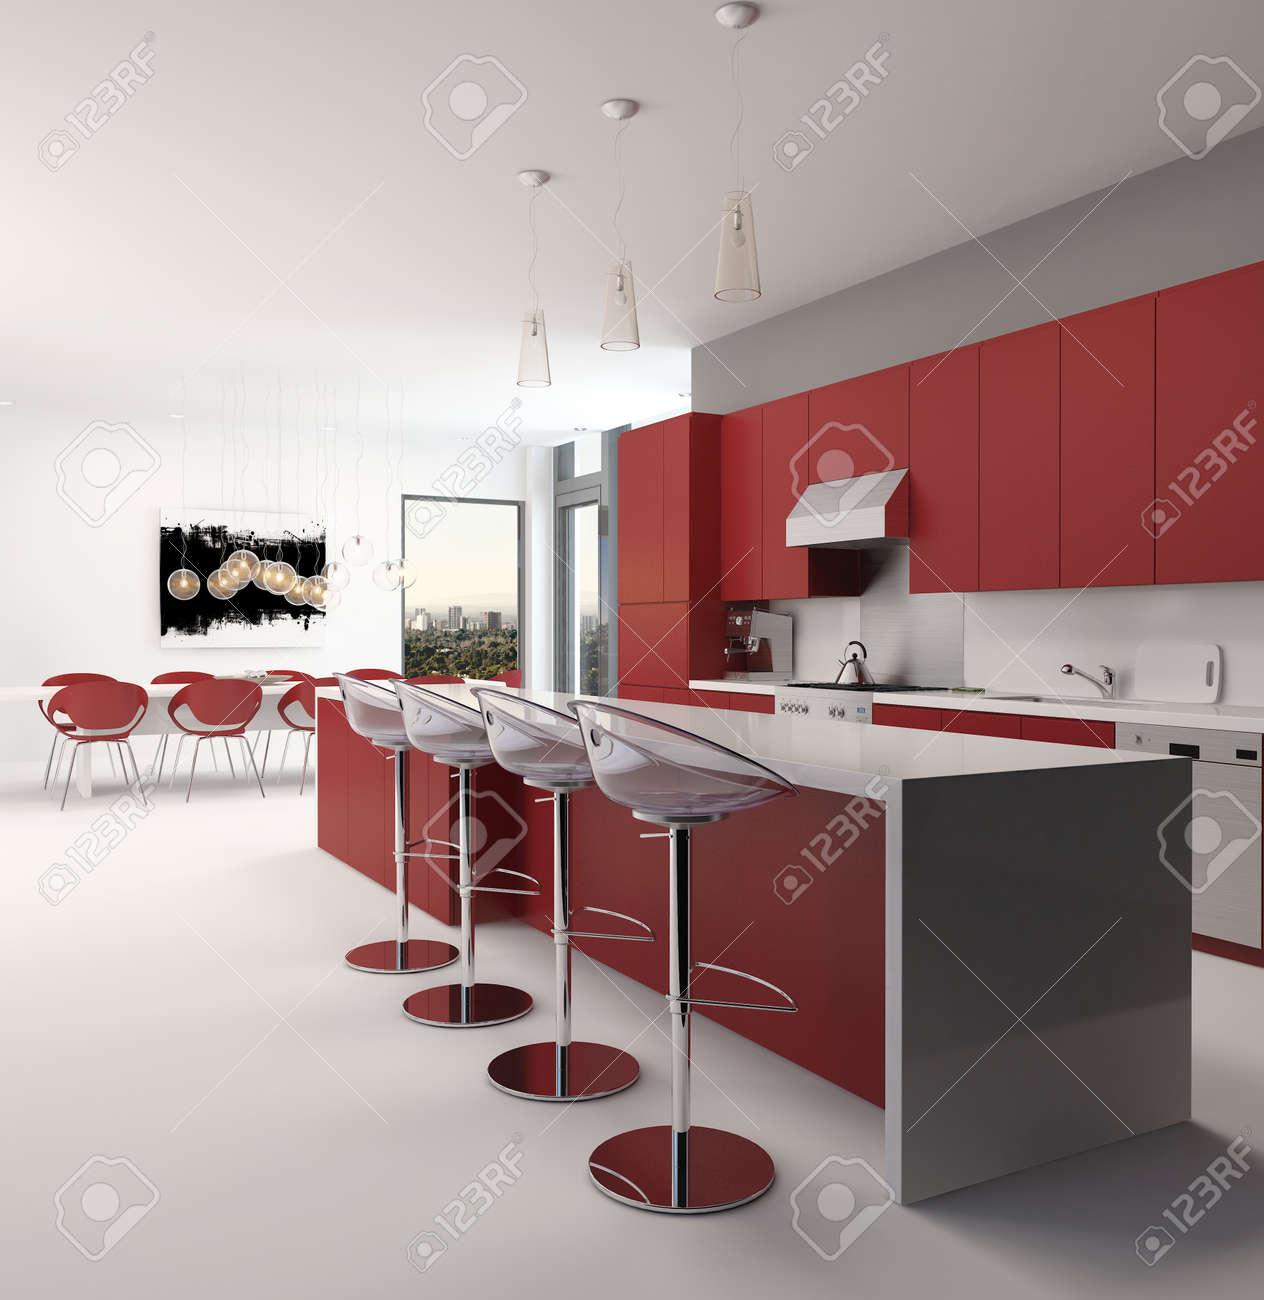 Moderne Open Rode Keuken Interieur Met Een Lange Balie Met ...